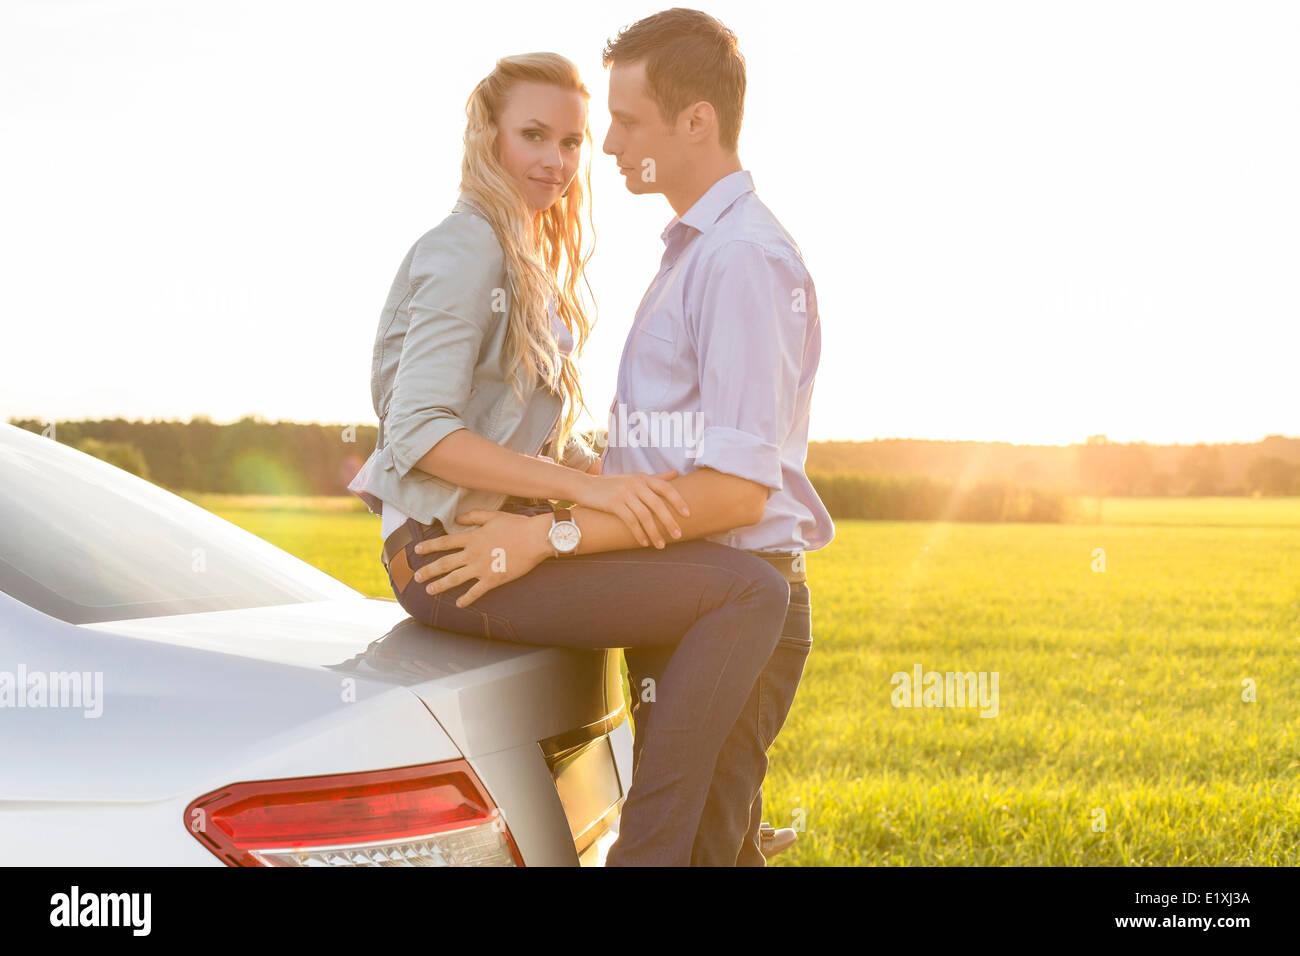 Vue latérale du couple en voiture à campagne Banque D'Images